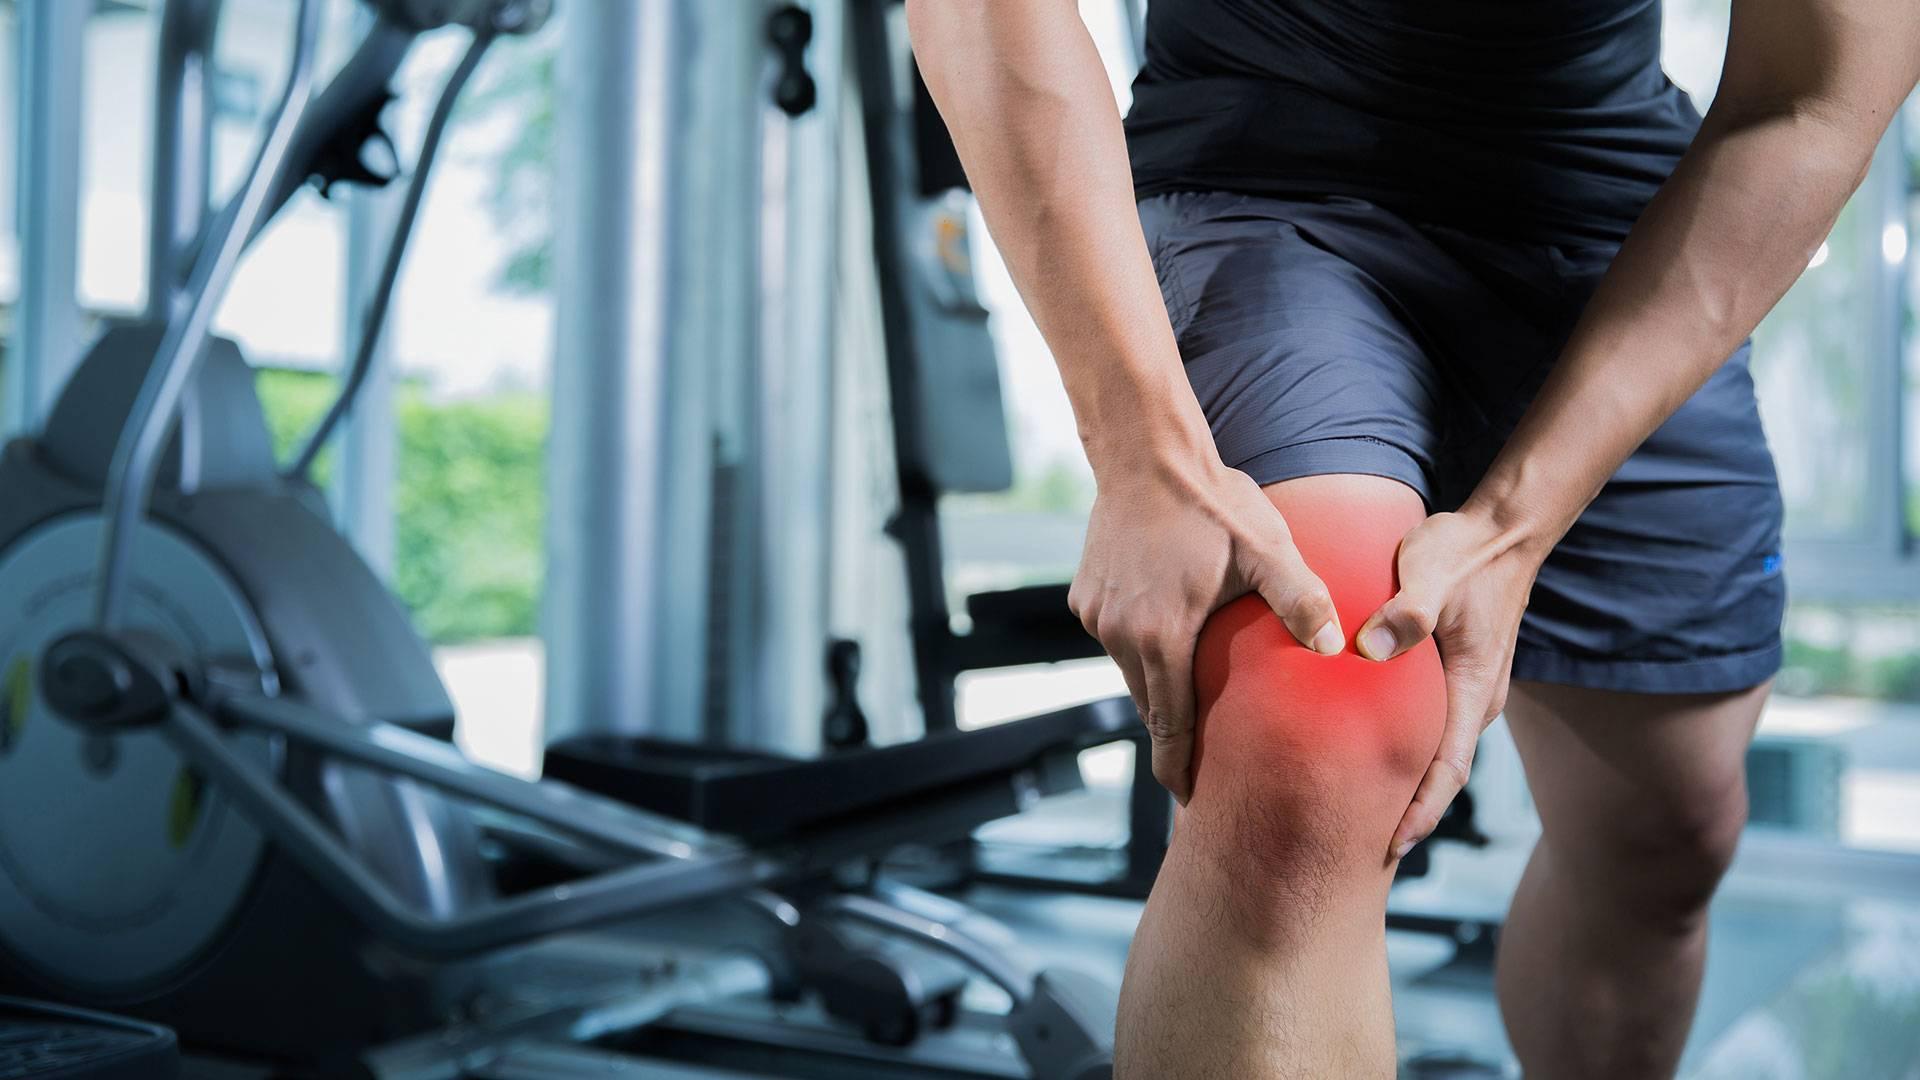 Травмы в тренажерном зале: причины, последствия, помощь | курсы и тренинги от лары серебрянской